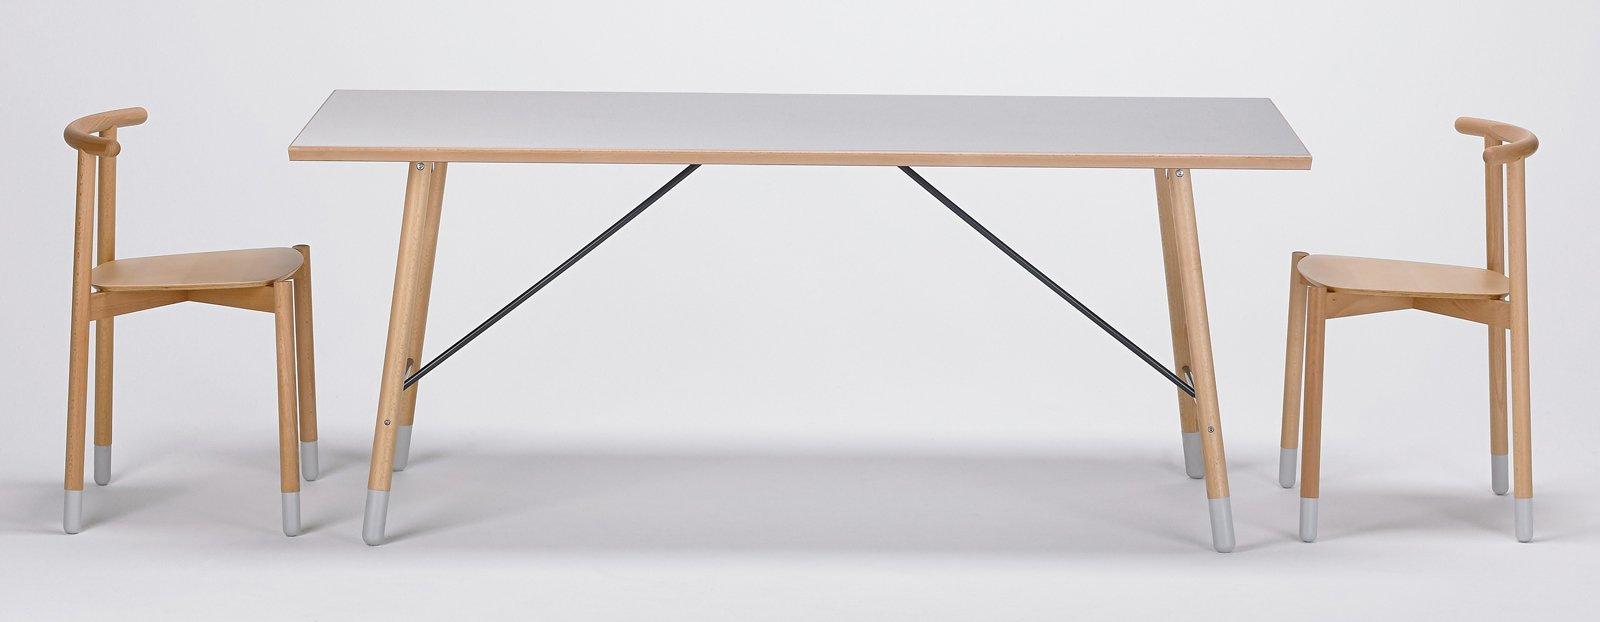 Tavolo da parete richiudibile ikea design casa creativa - Tavolo richiudibile in legno ...